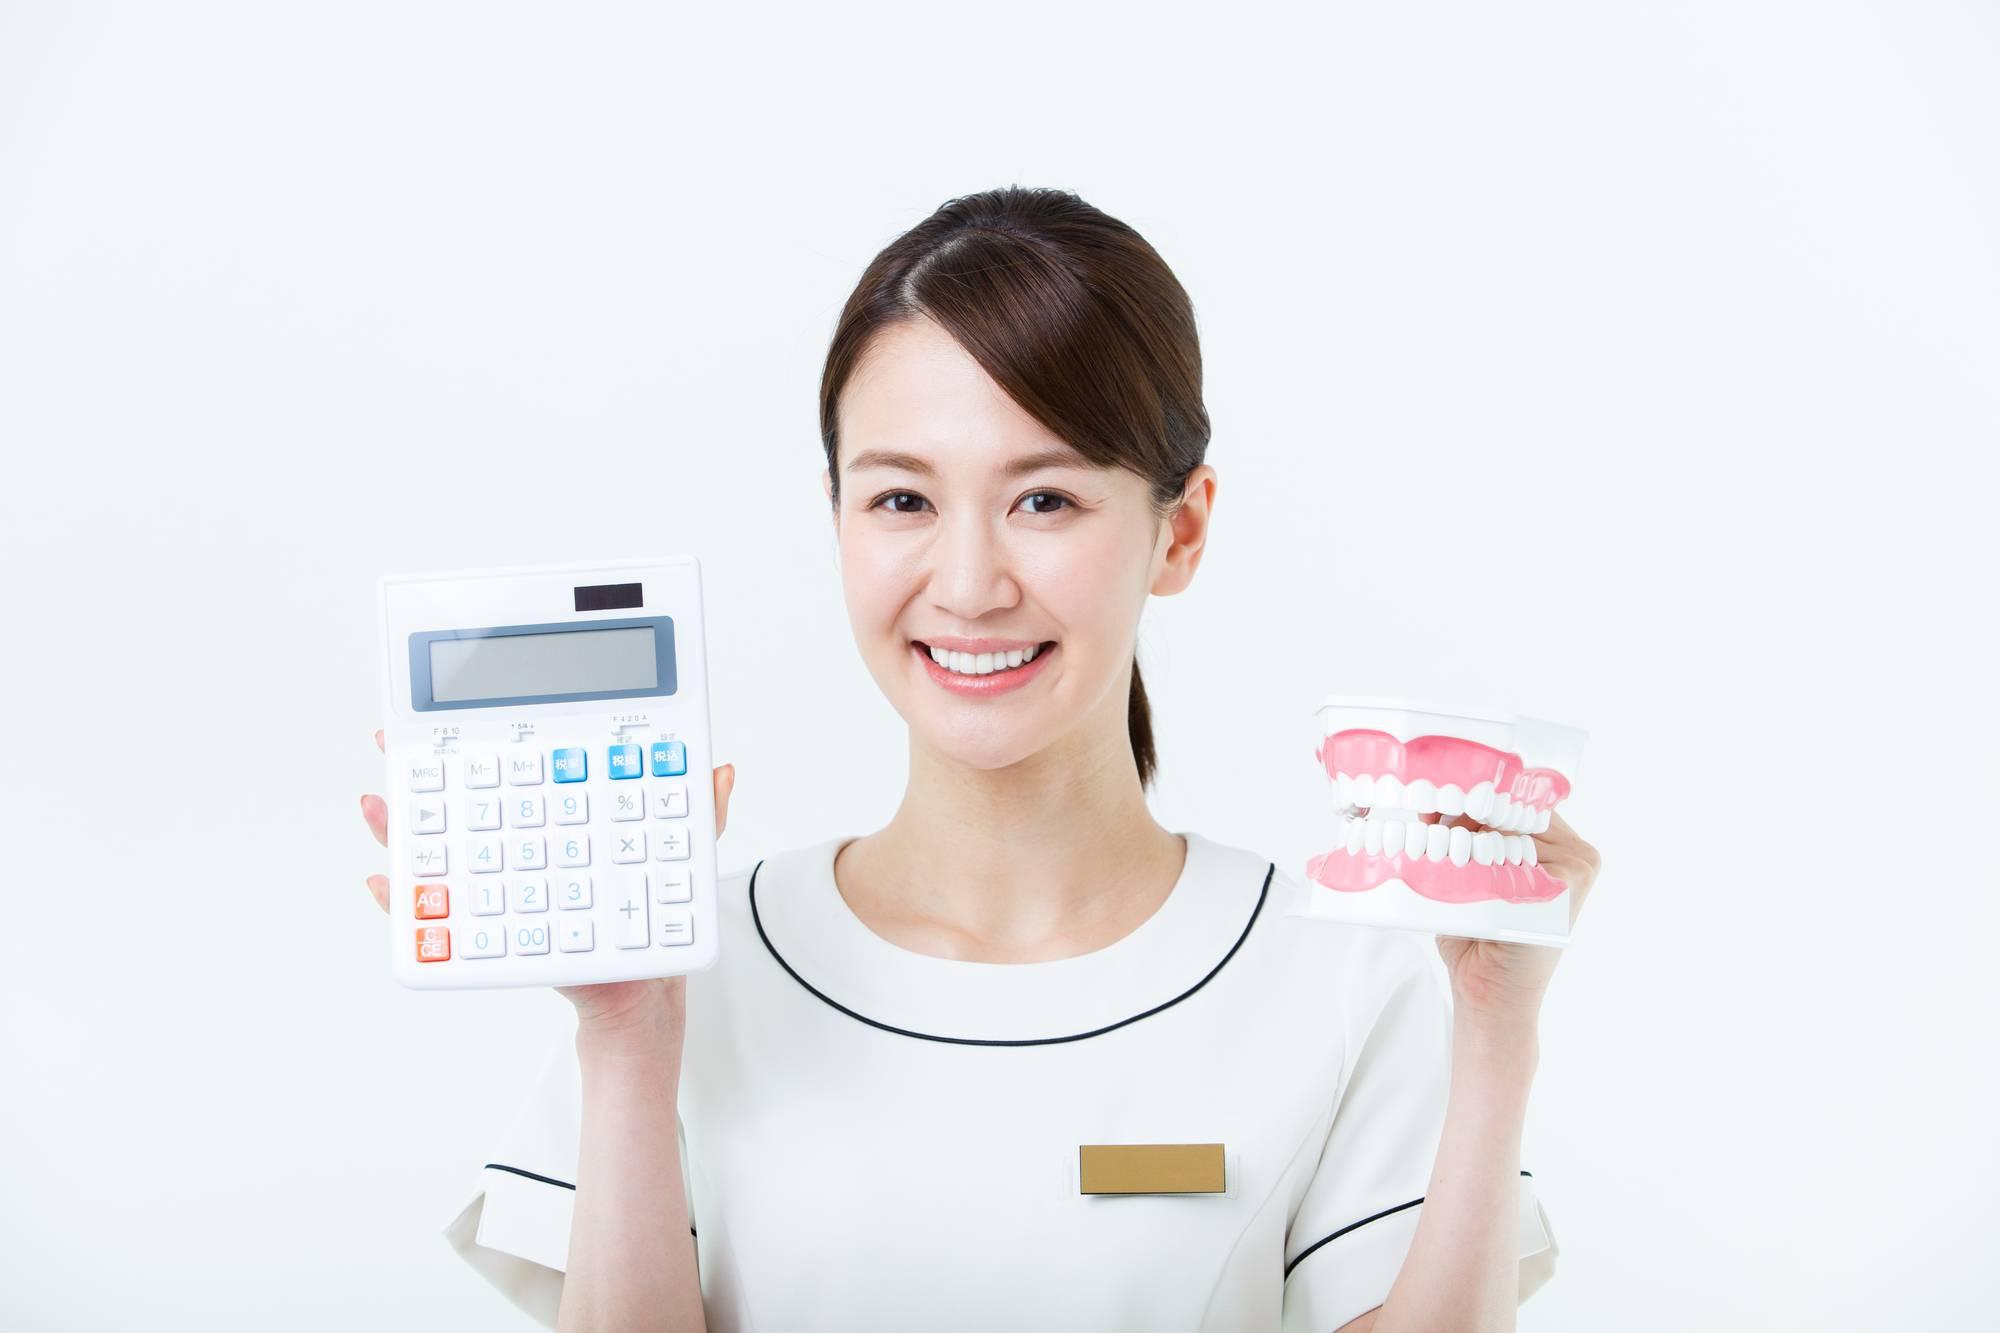 電卓と歯の模型を持つ歯科衛生士